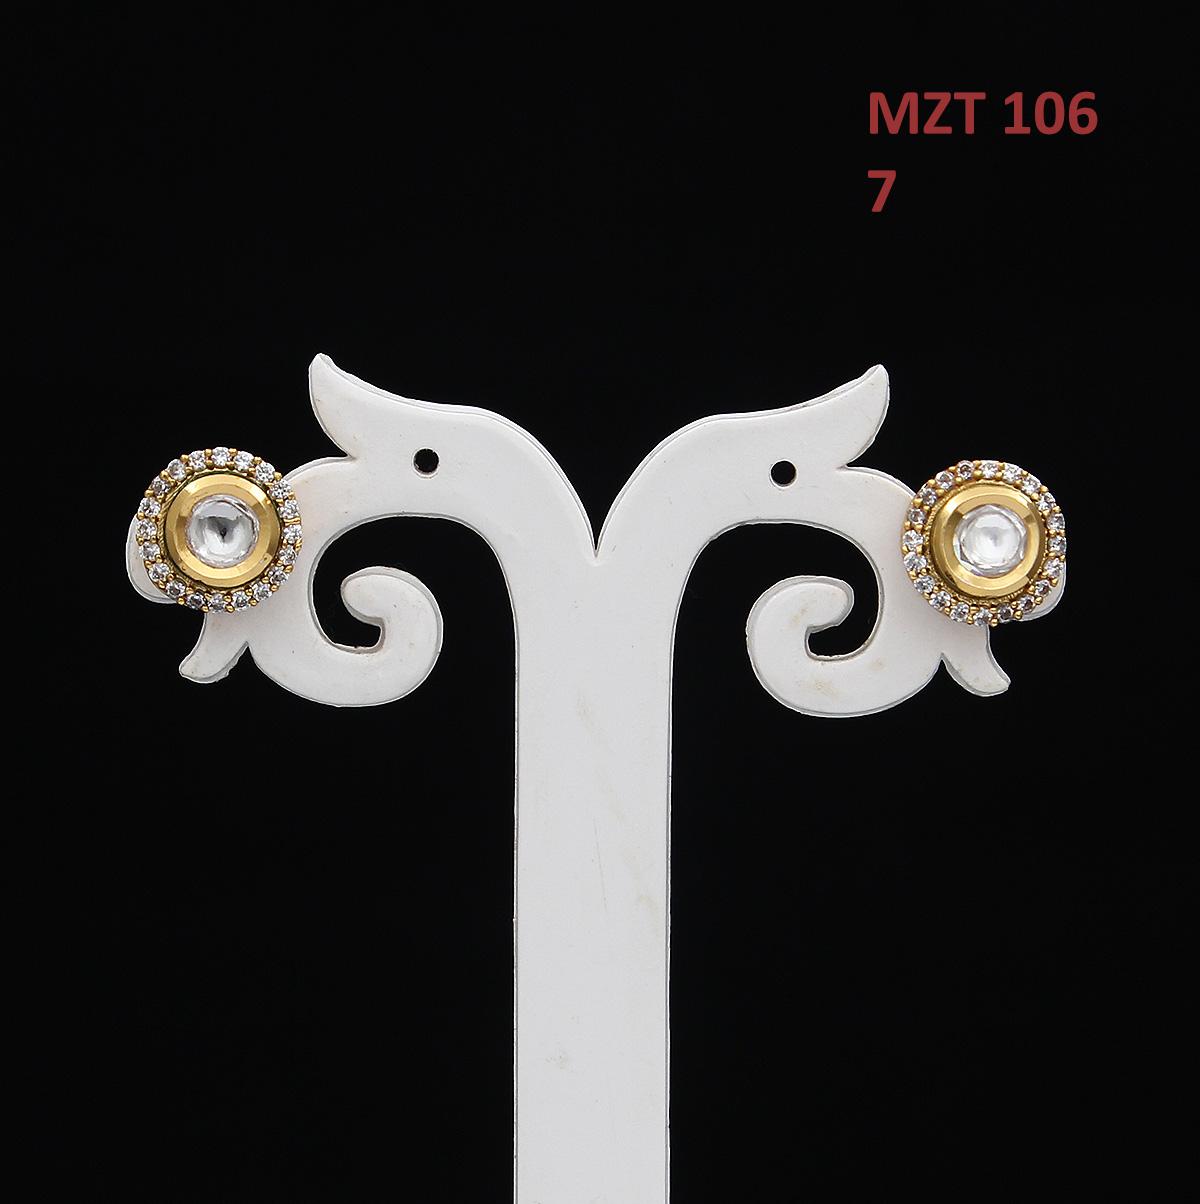 55Carat   55Carat Trendy Stud Earrings 14K Gold Plated Round Shape Cubic Zircon Kundan Ear Tops Elegant Designer Jewellery for Girlfriend Wife